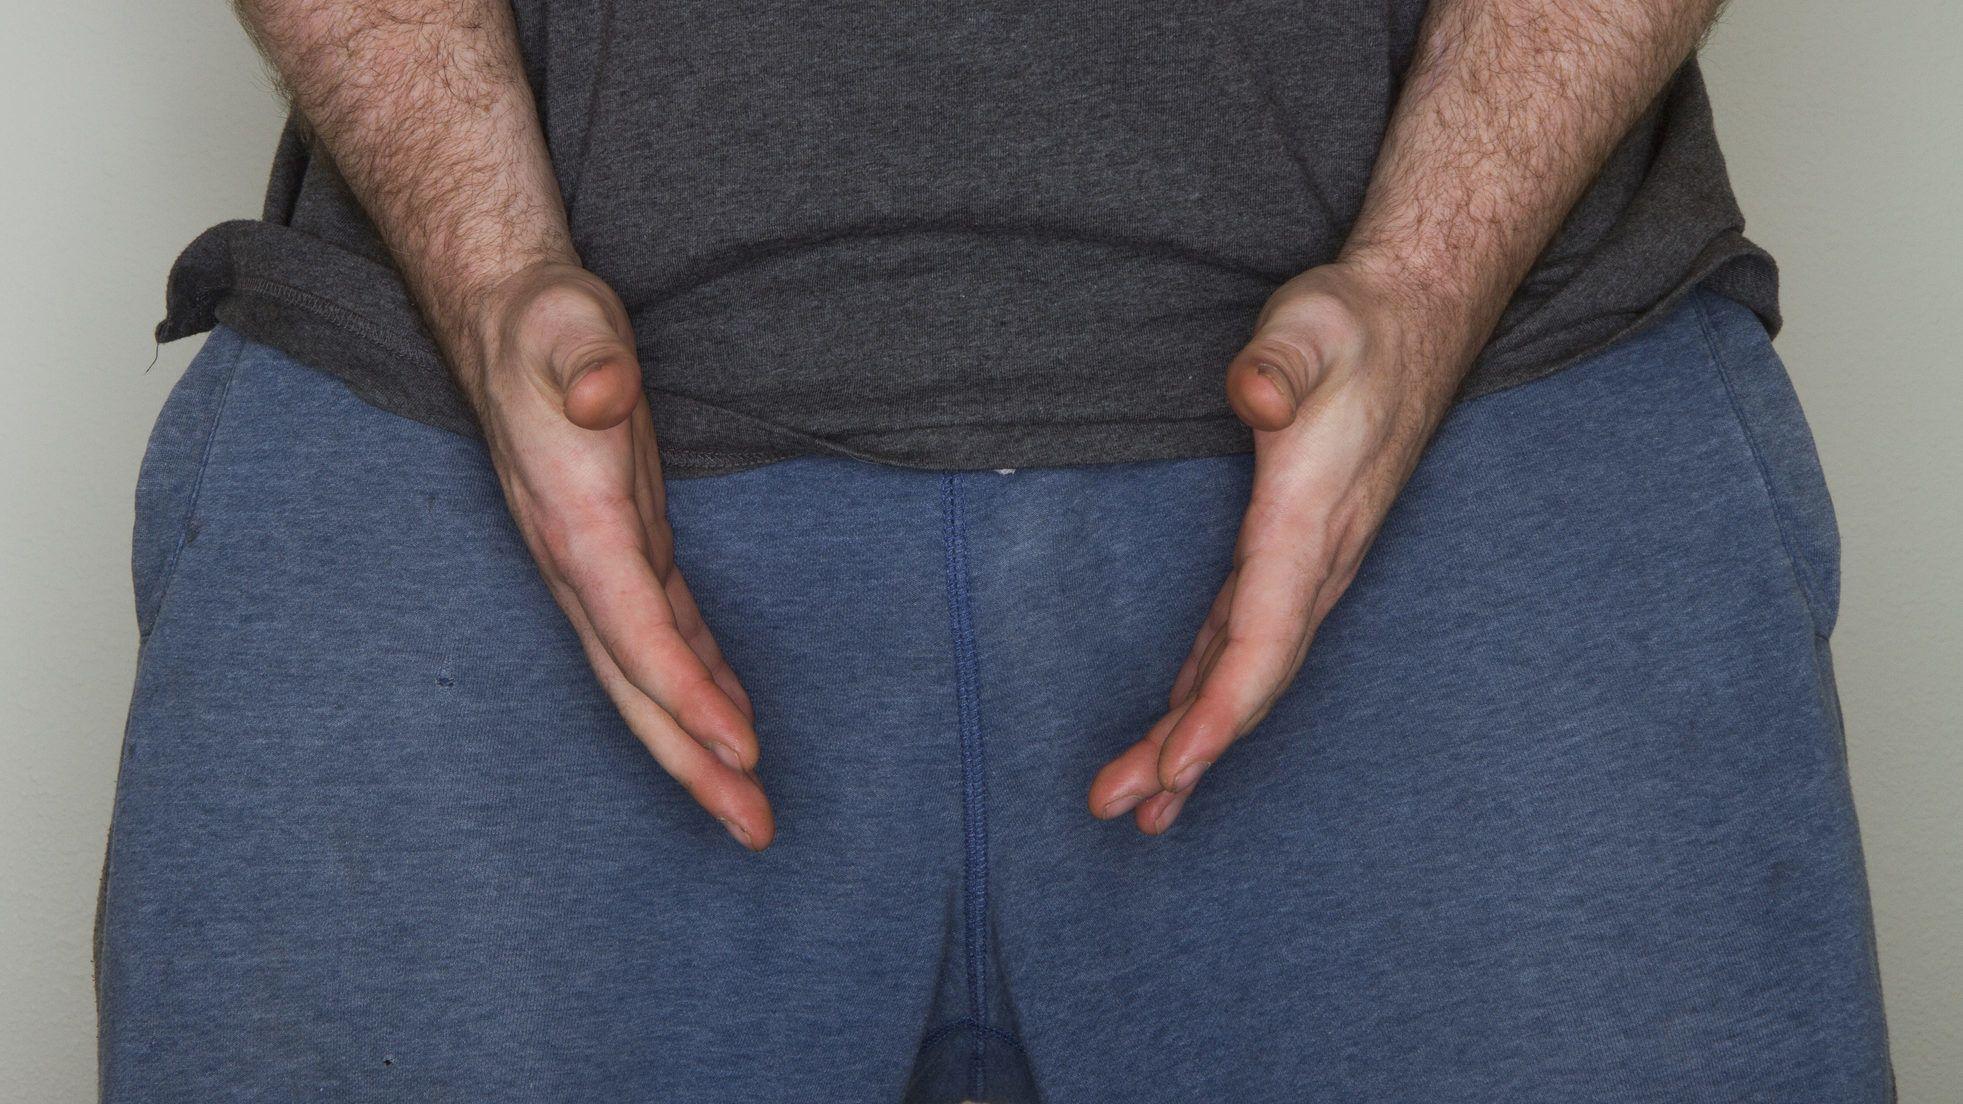 pénisznövelő kiegészítők a pénisz folyamatosan feszült